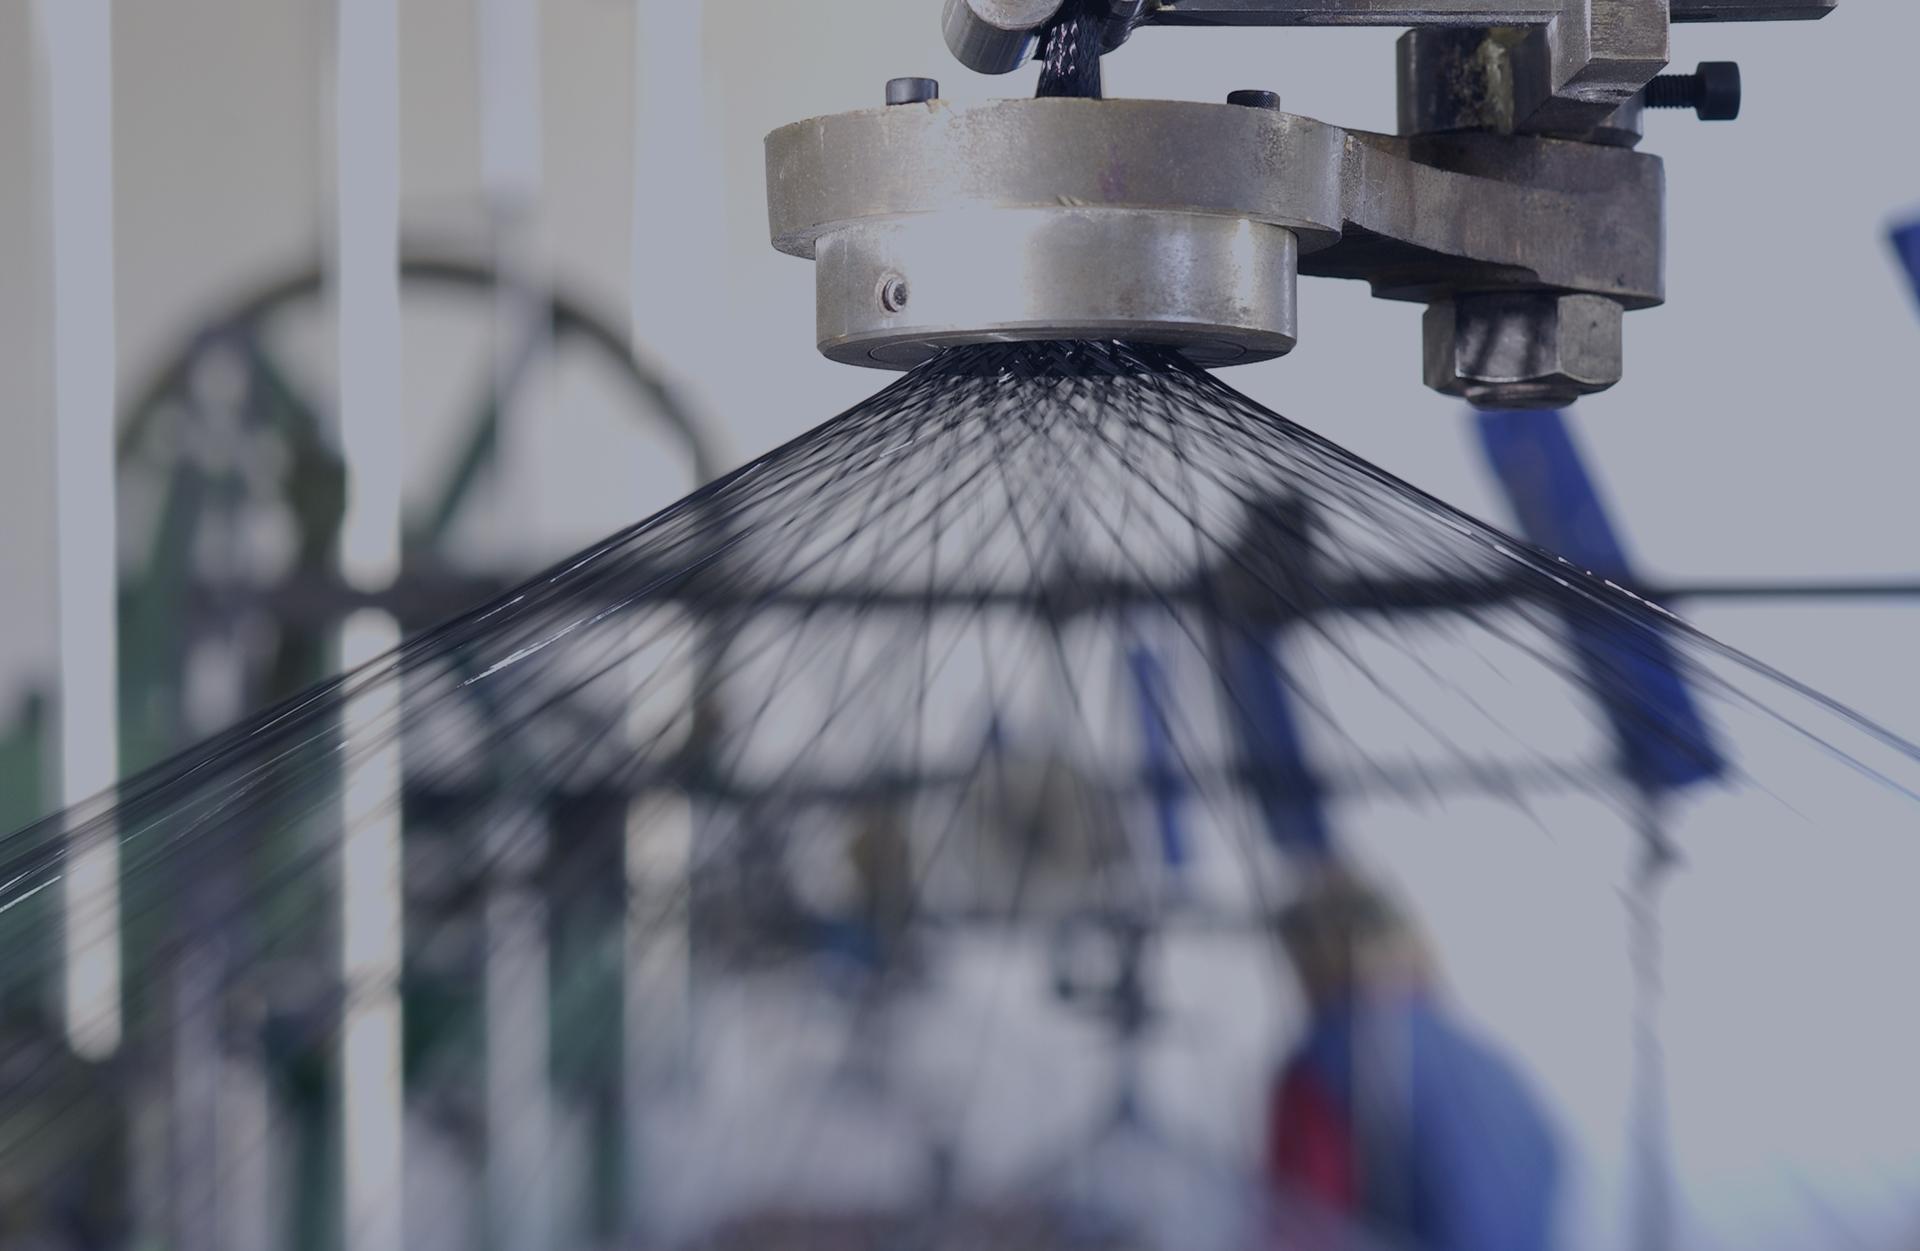 semaine-textile-entreprises-innovation-alsace